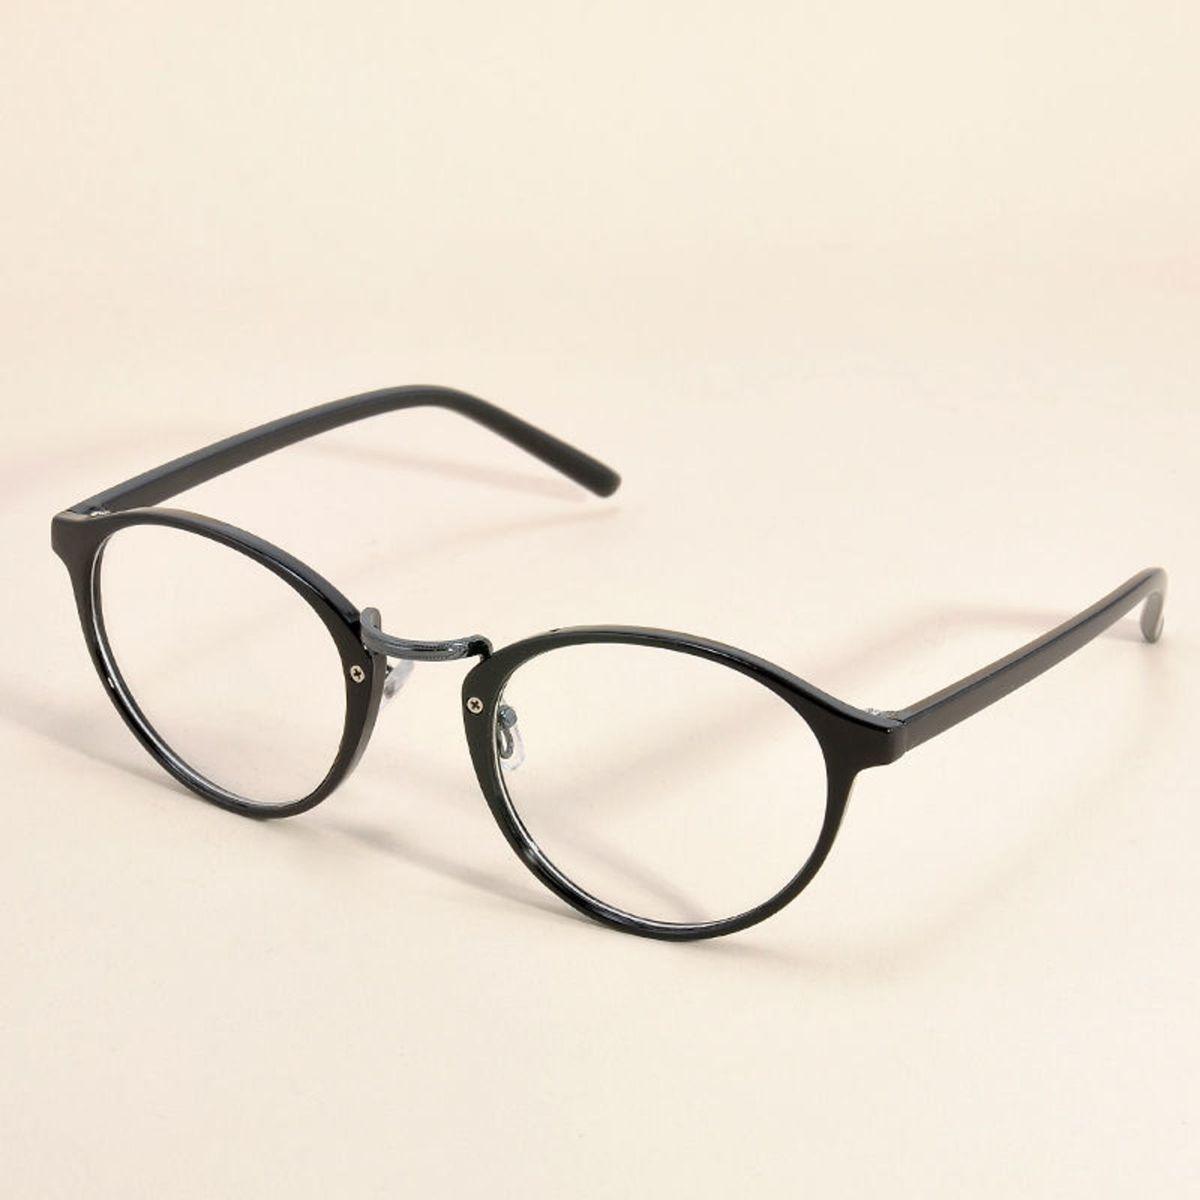 óculos redondo - unissex - vintage - hipster - armação - óculos sem marca 666889353d